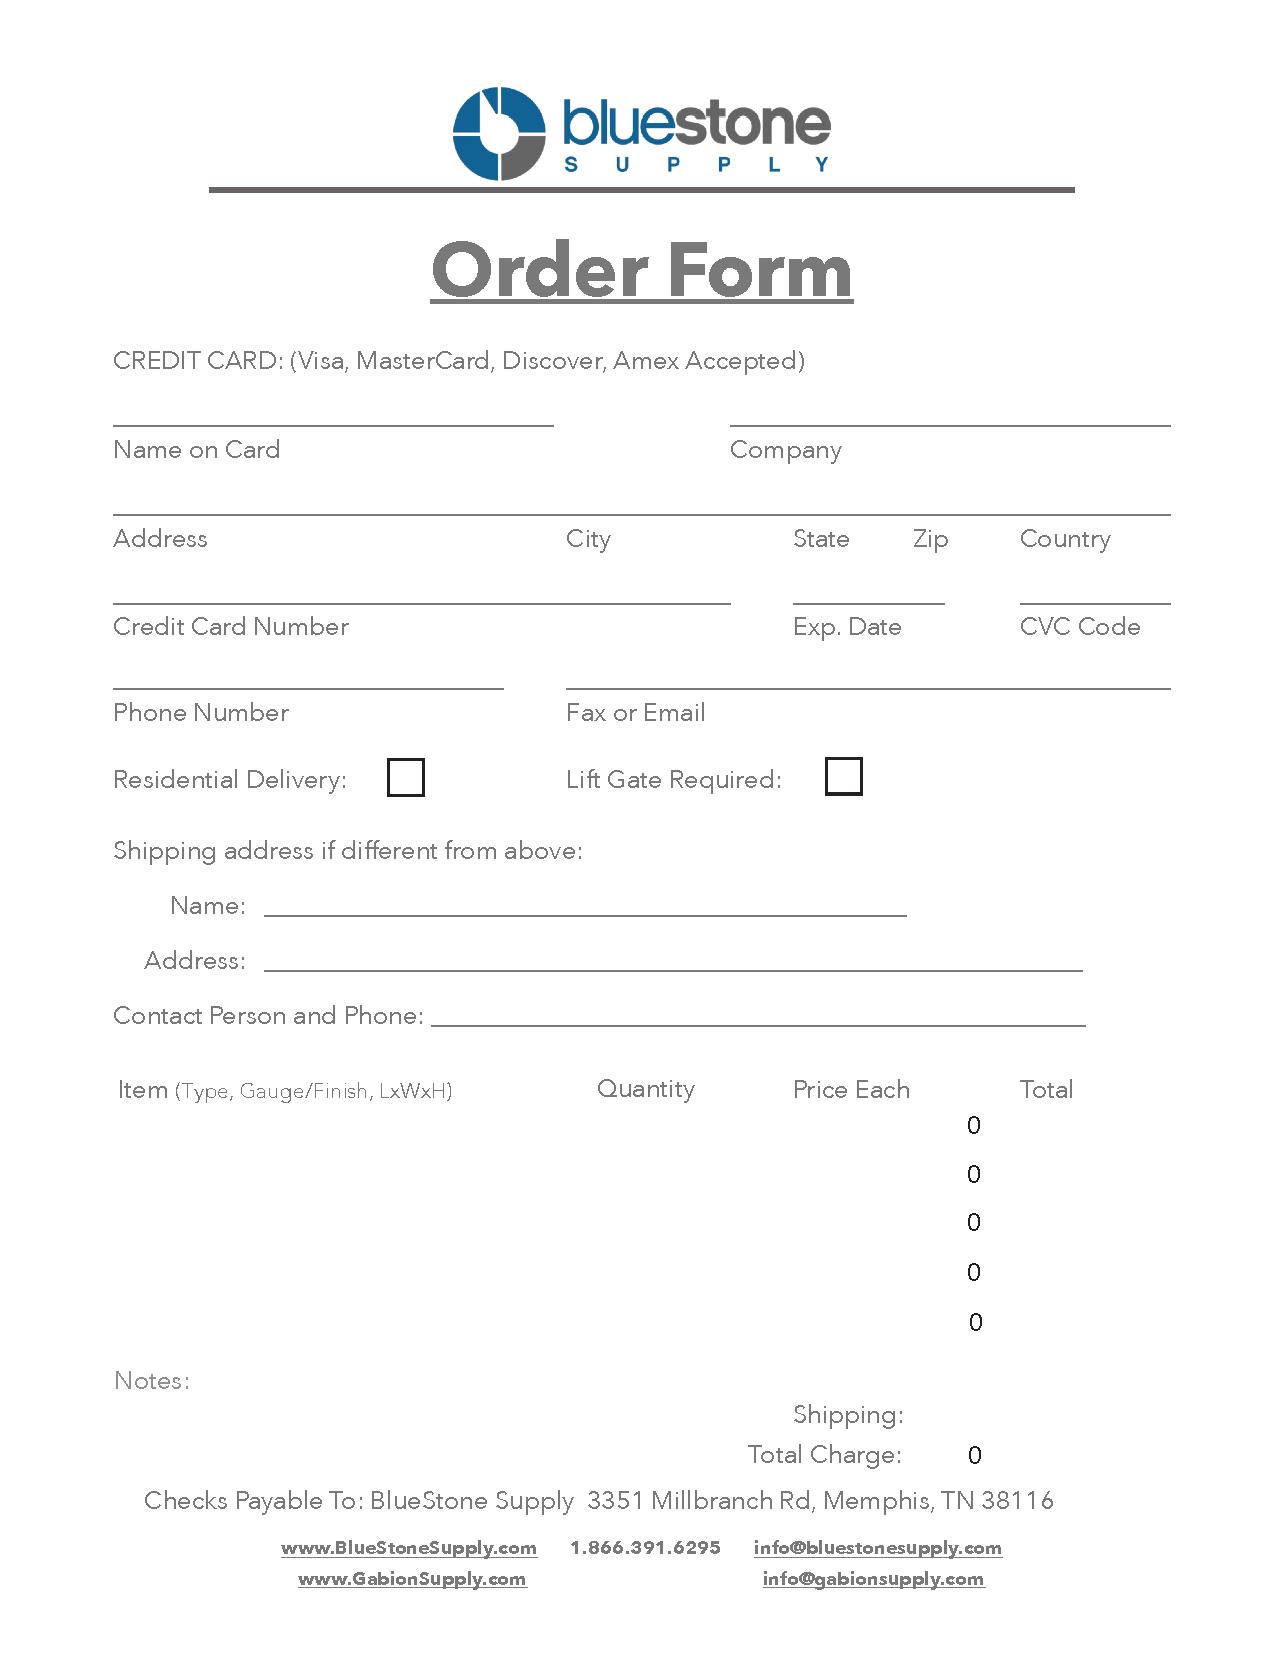 Order Form 2020 image